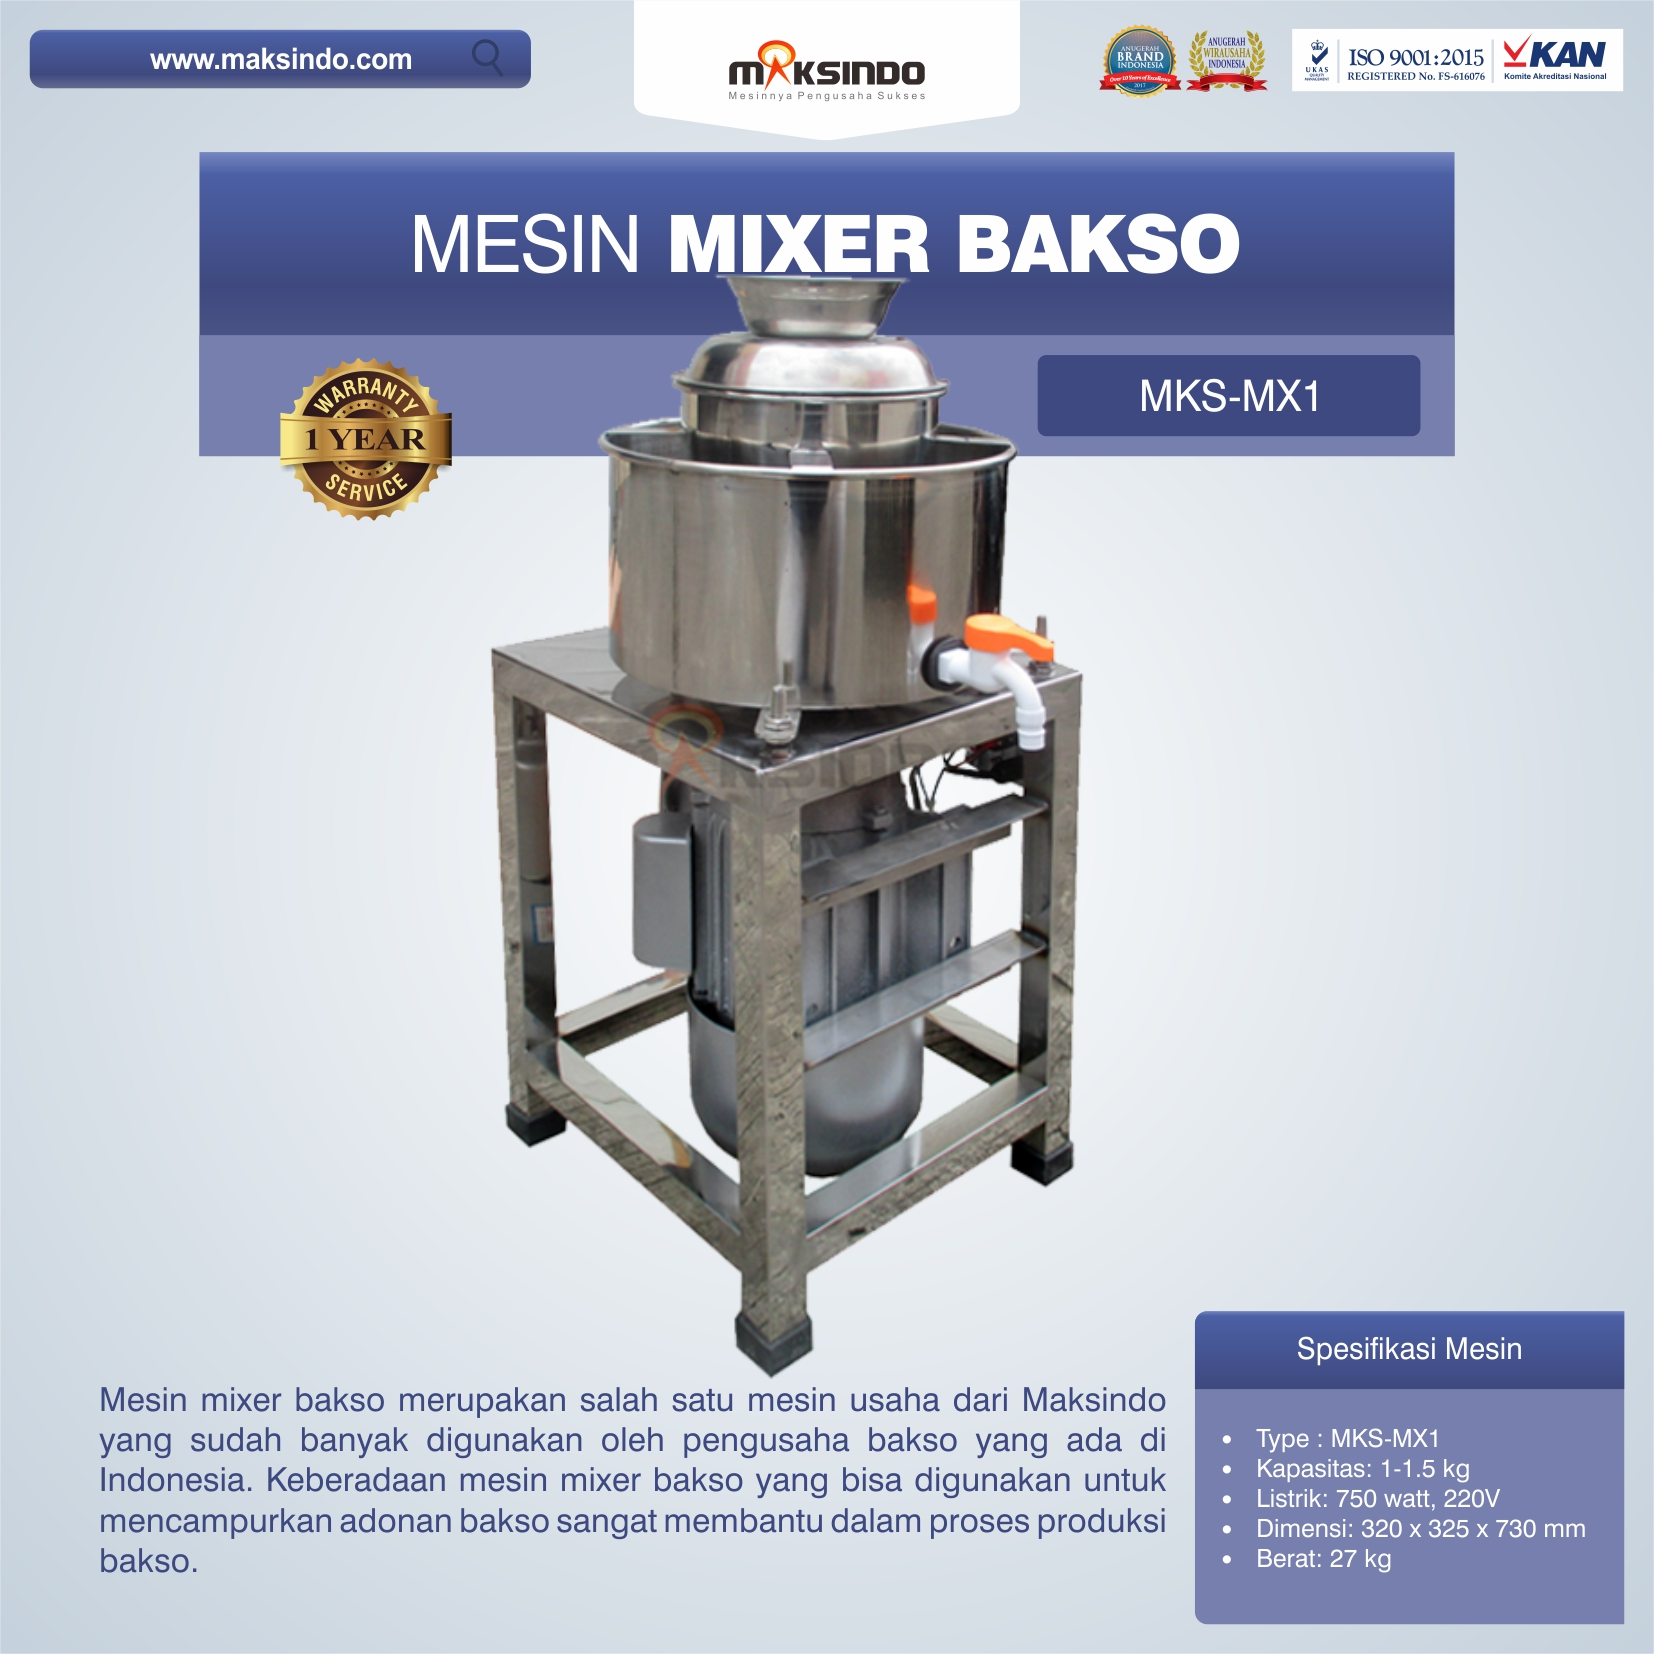 Jual Mesin Mixer Bakso MKS-MX1 di Mataram